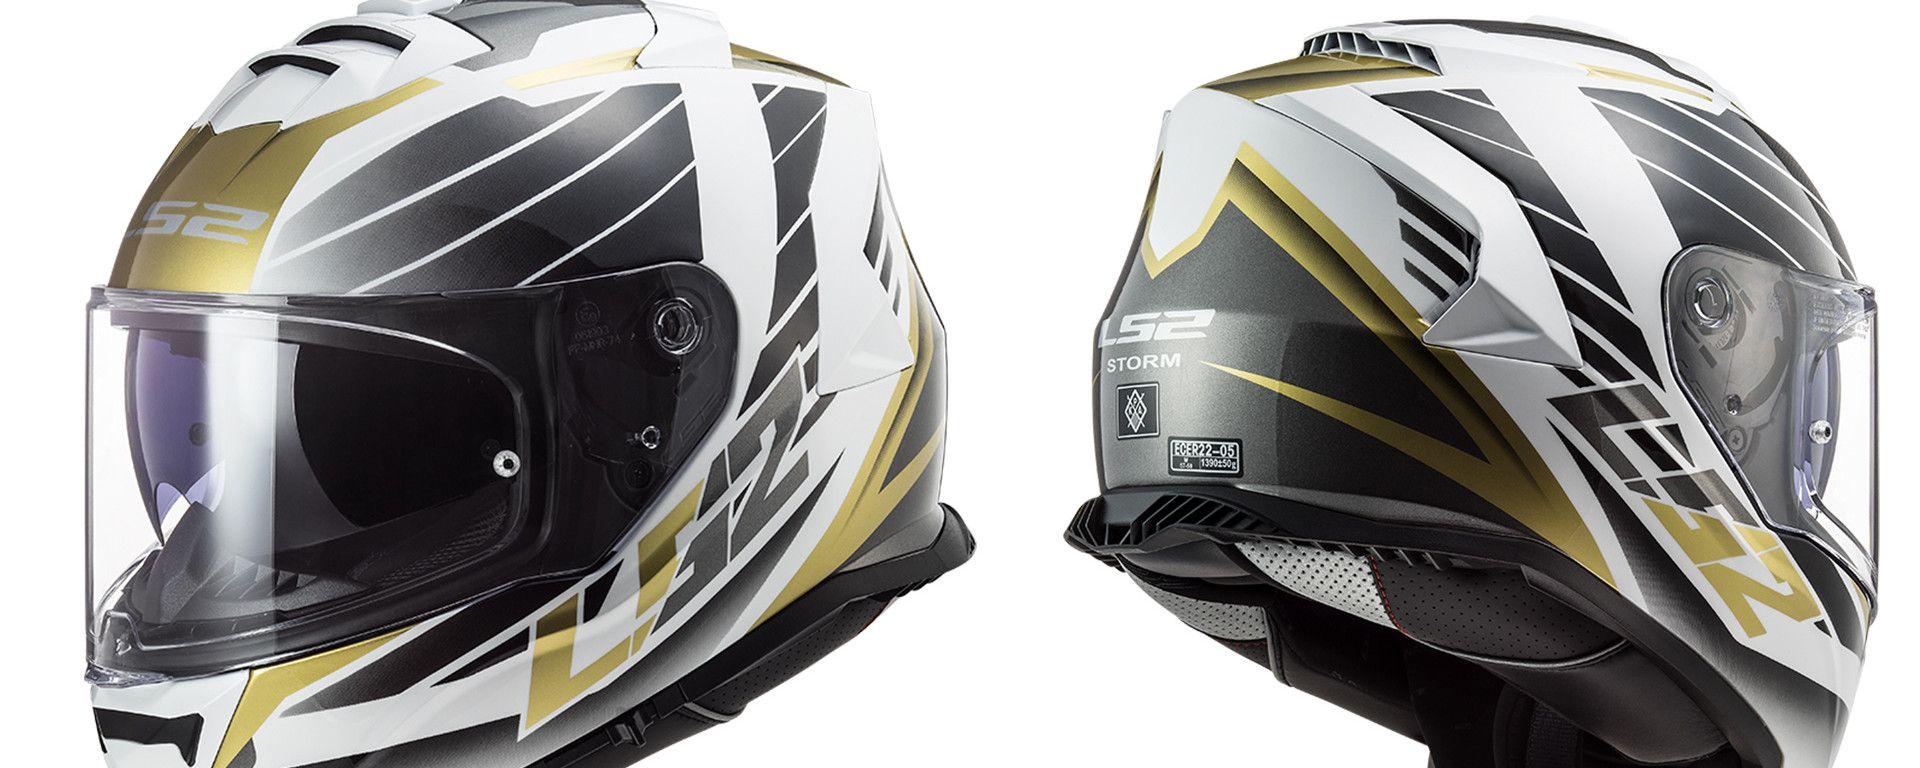 LS FF800 Storm Gold